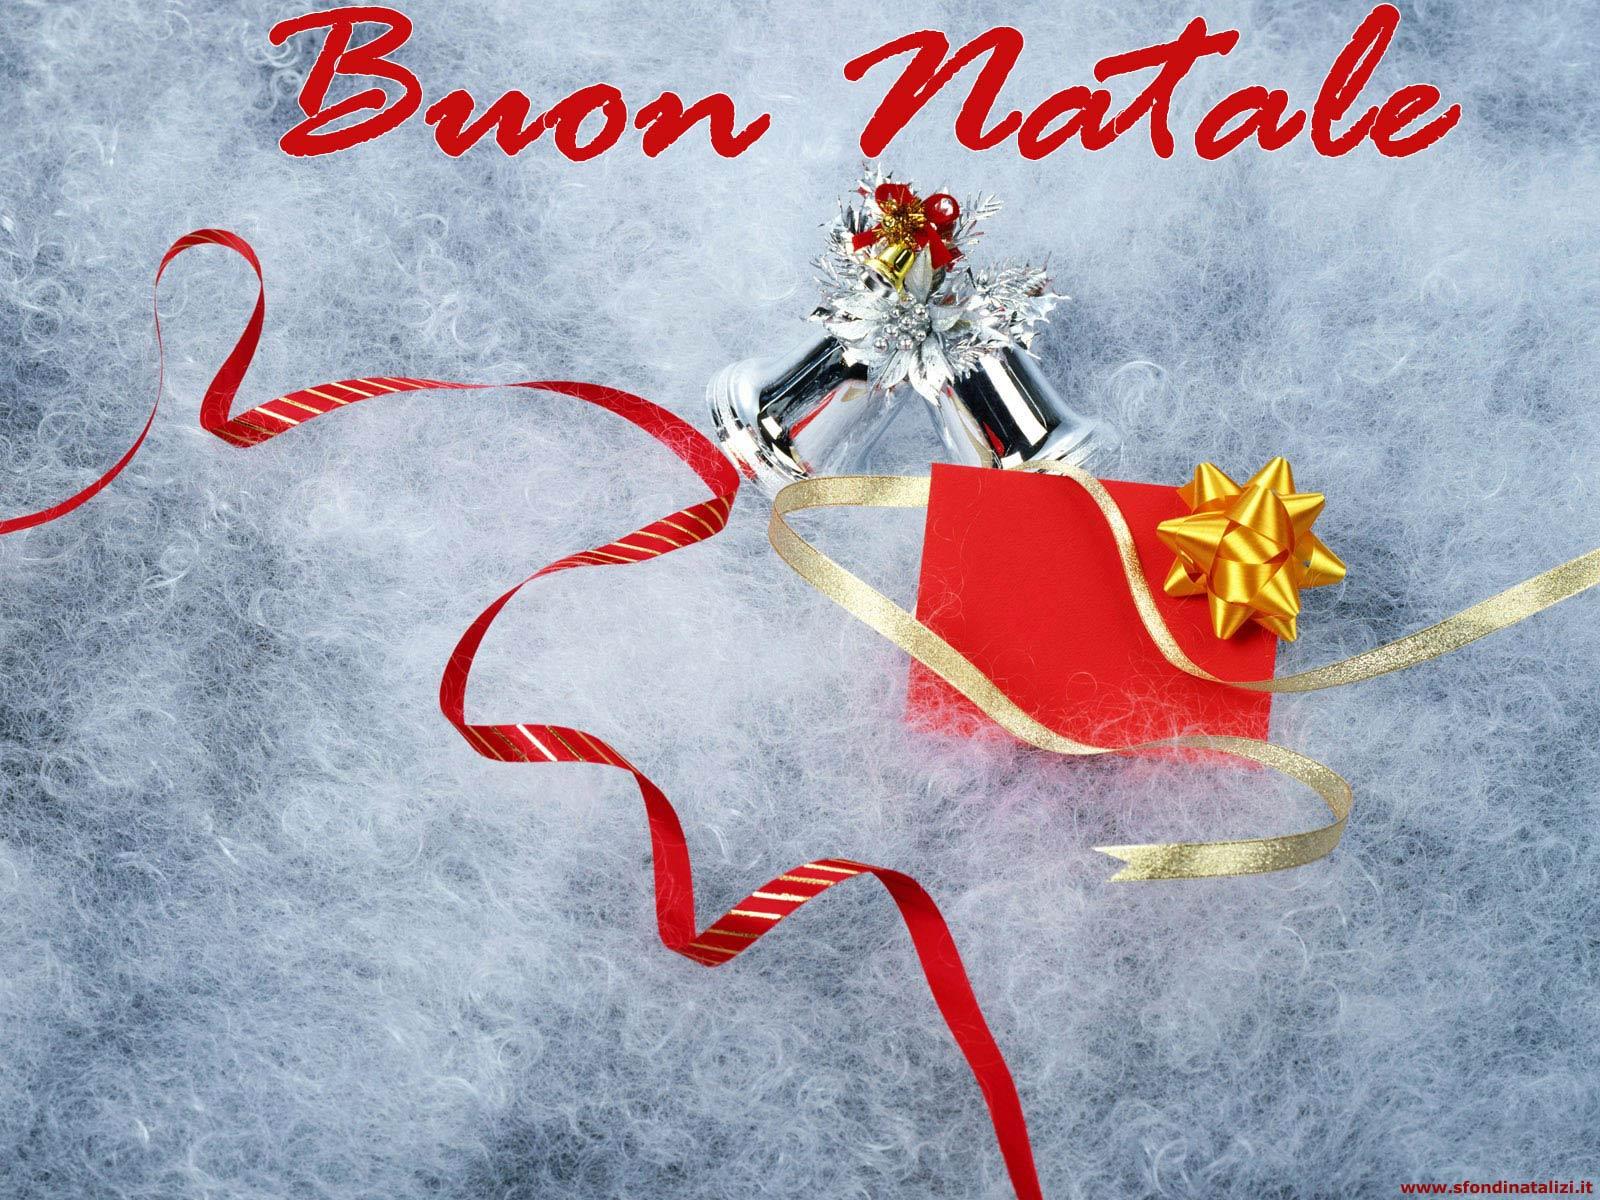 Sfondo Natalizio - Sfondo Buon Natale